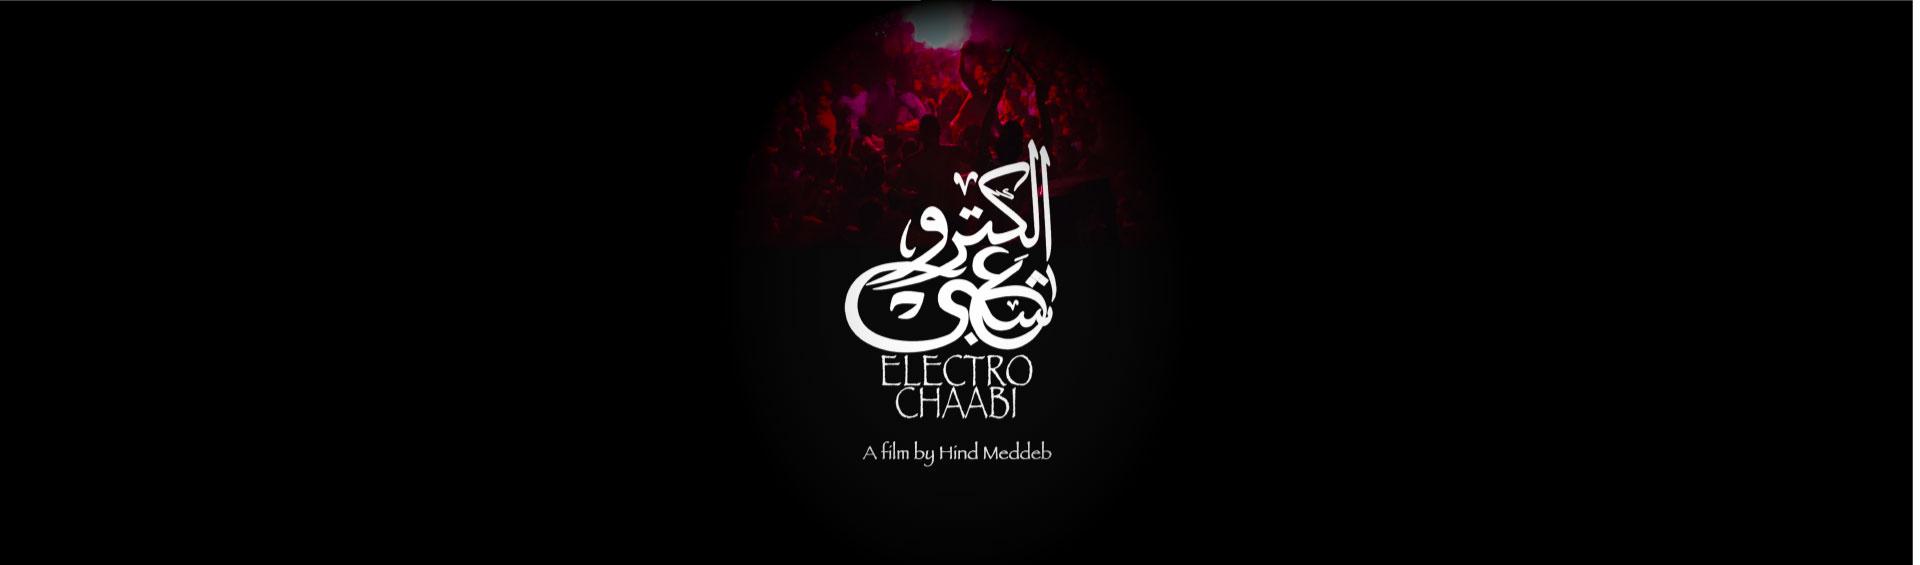 Electro Chaâbi